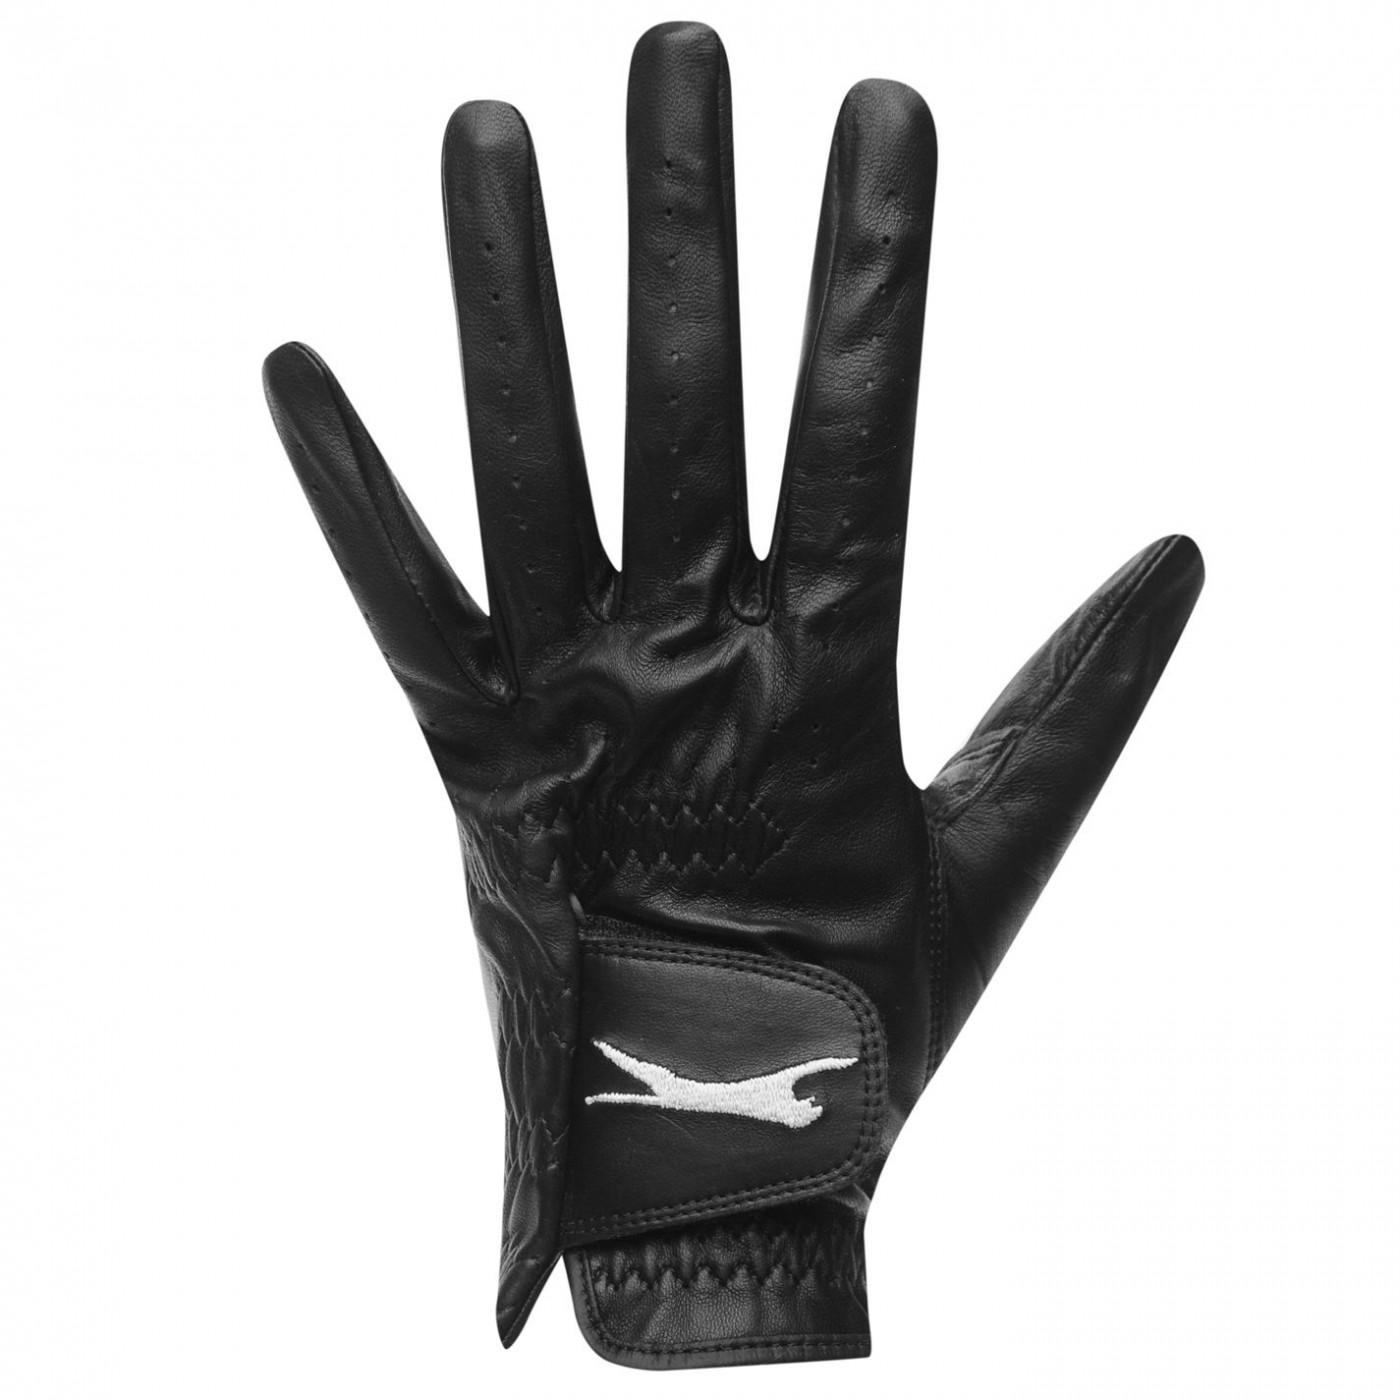 Slazenger V500 Leather Golf Glove